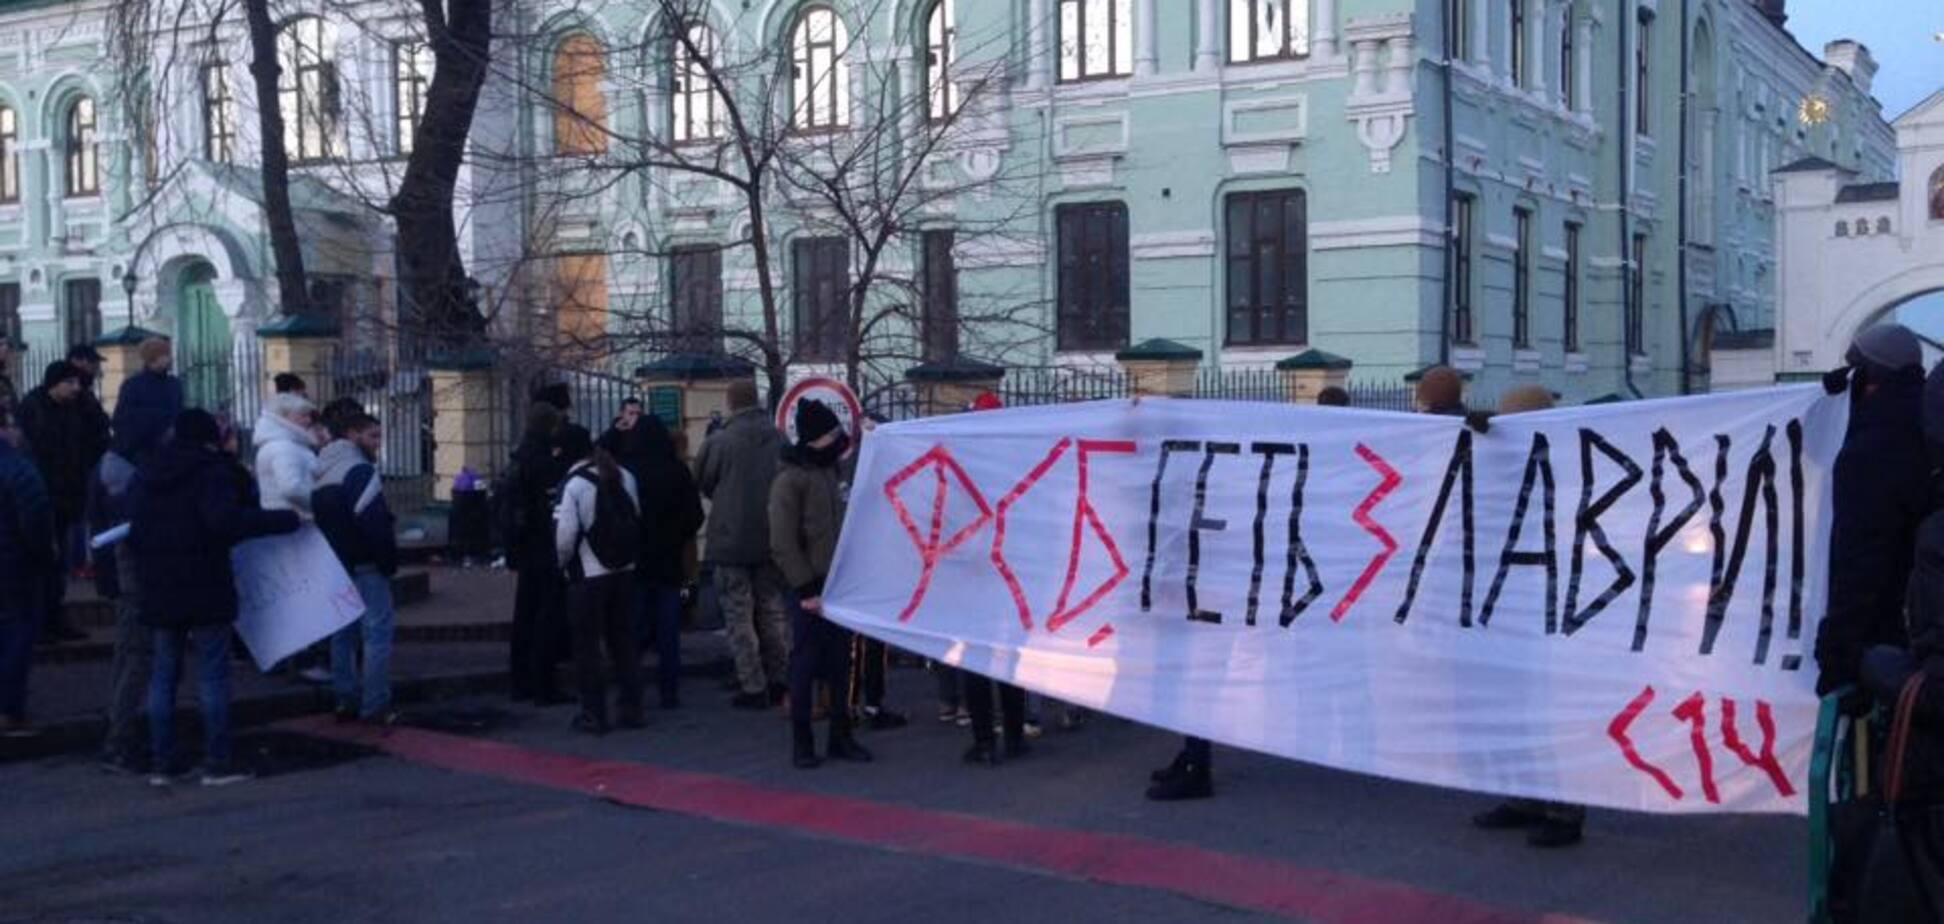 'ФСБ, геть із Лаври': у Києві заблокували монастир УПЦ МП